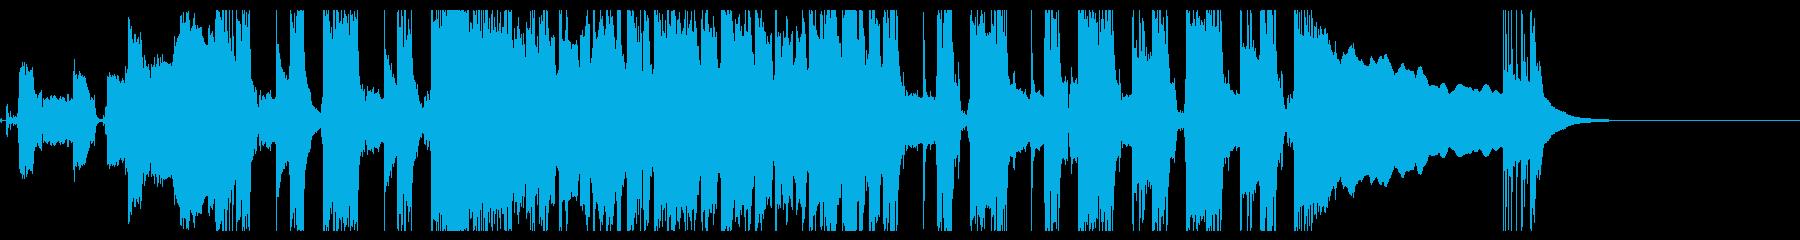 アクセントの利いたロック系インスト曲の再生済みの波形